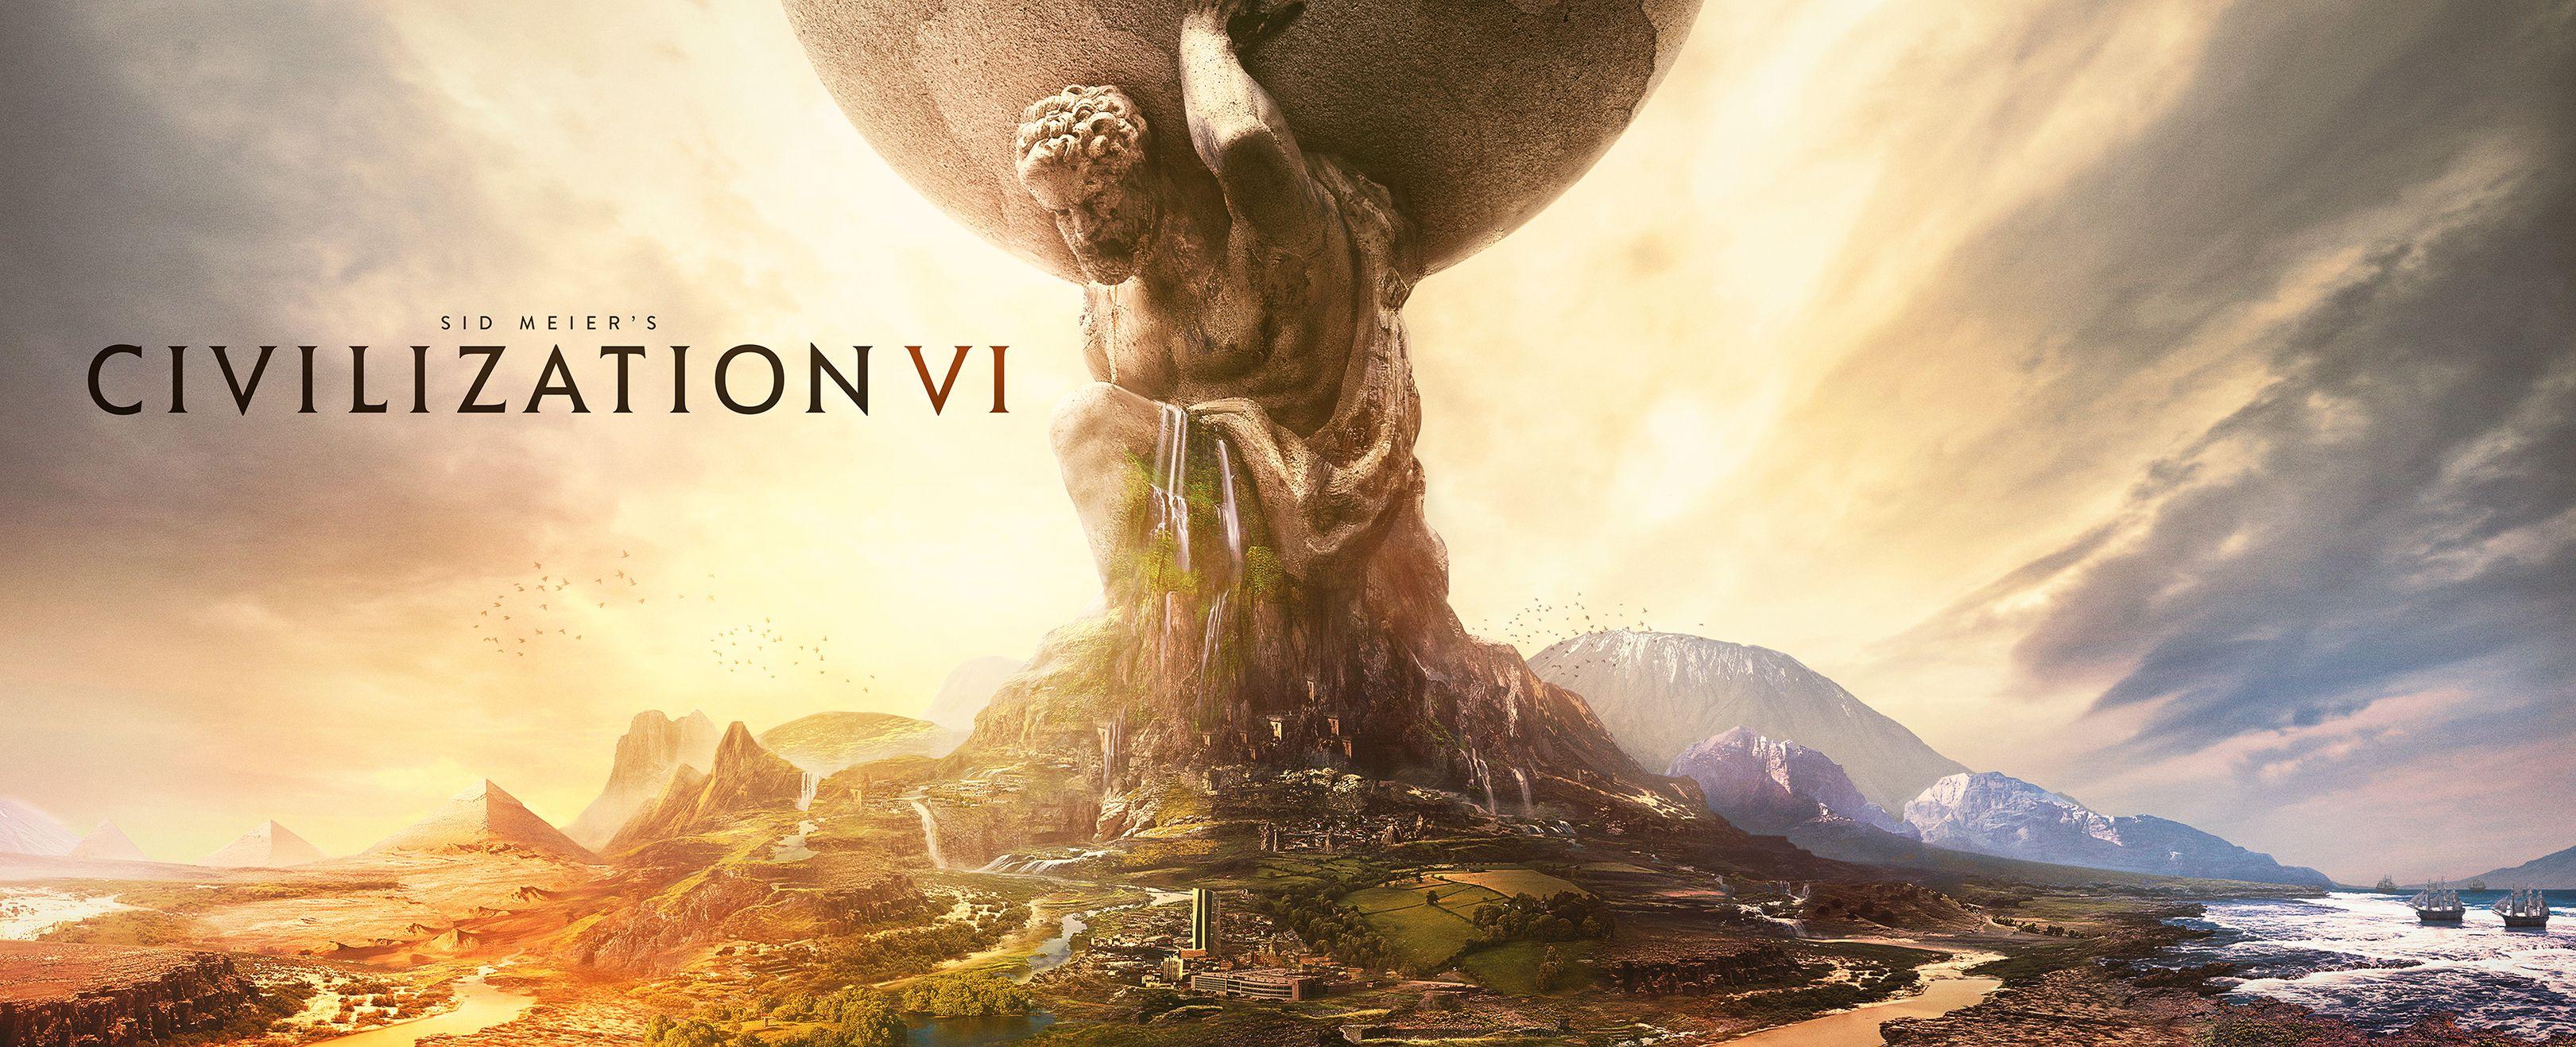 Những thông tin mới nhất về siêu phẩm Civilization VI đã được công bố